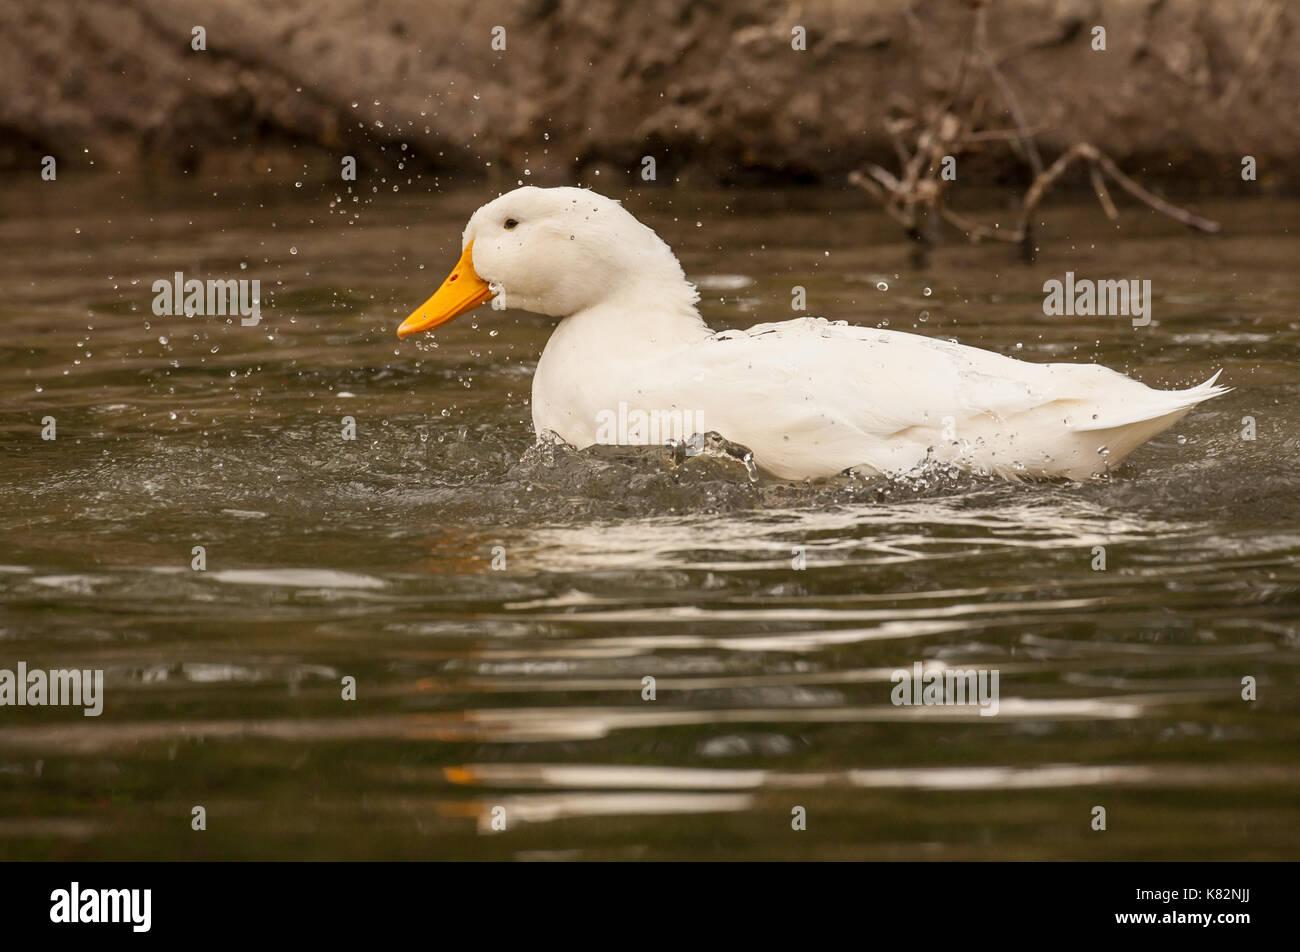 Pekin duck bathing in a pond in Hermann Park in Houston, Texas, USA.  The American Pekin Duck, Pekin duck, or Long Island duck, is a breed of domestic - Stock Image